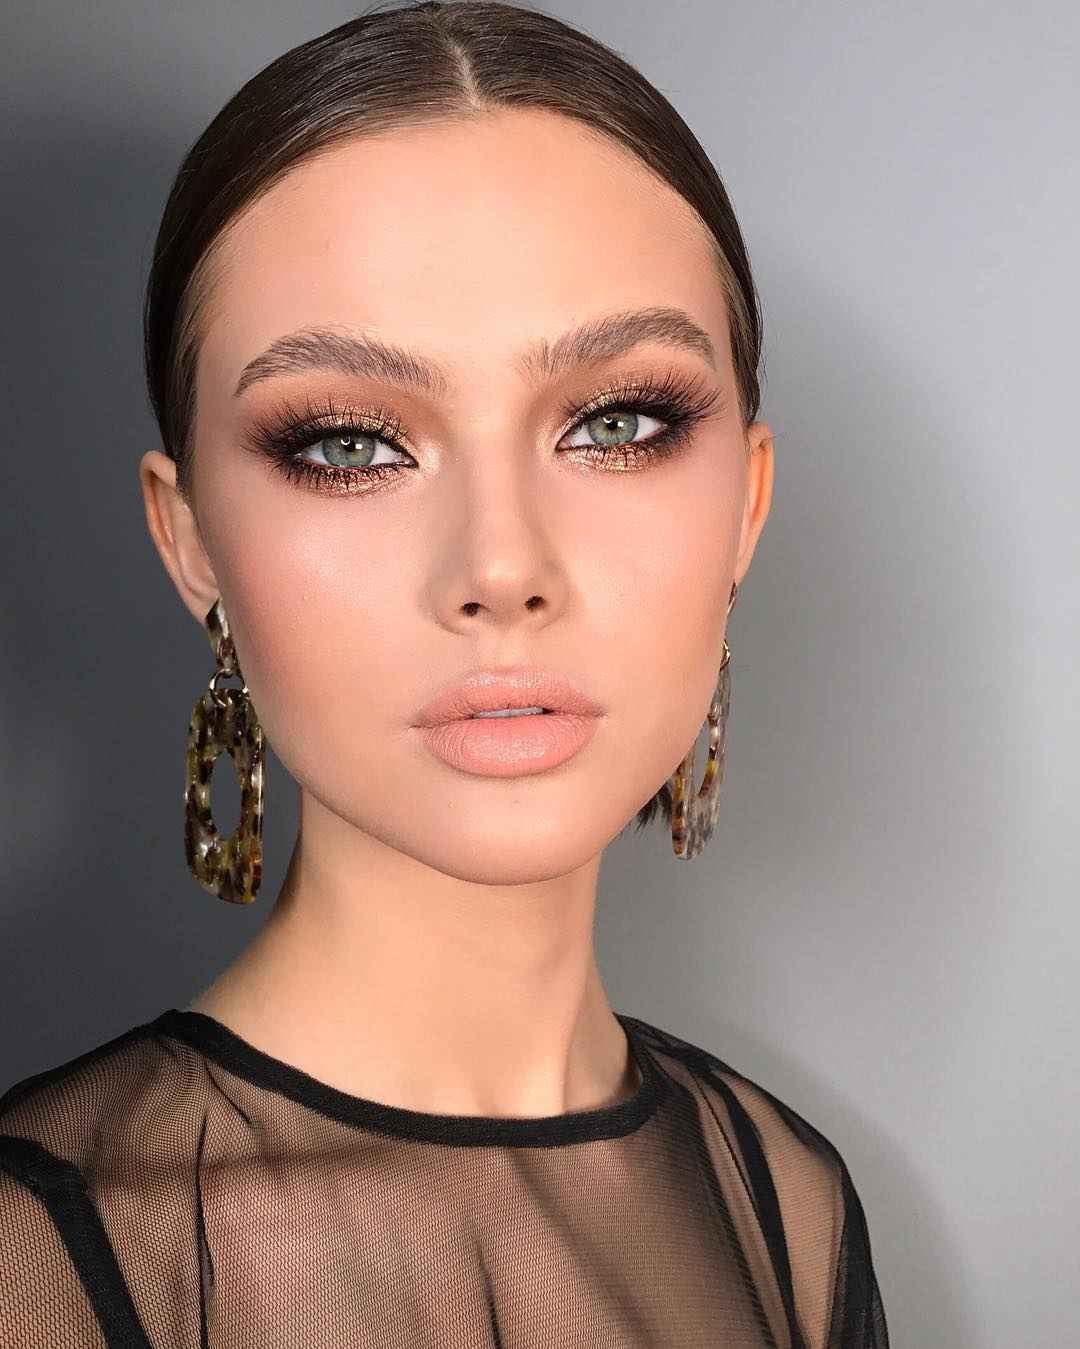 Дневной макияж для темных волос и зеленых глаз_15